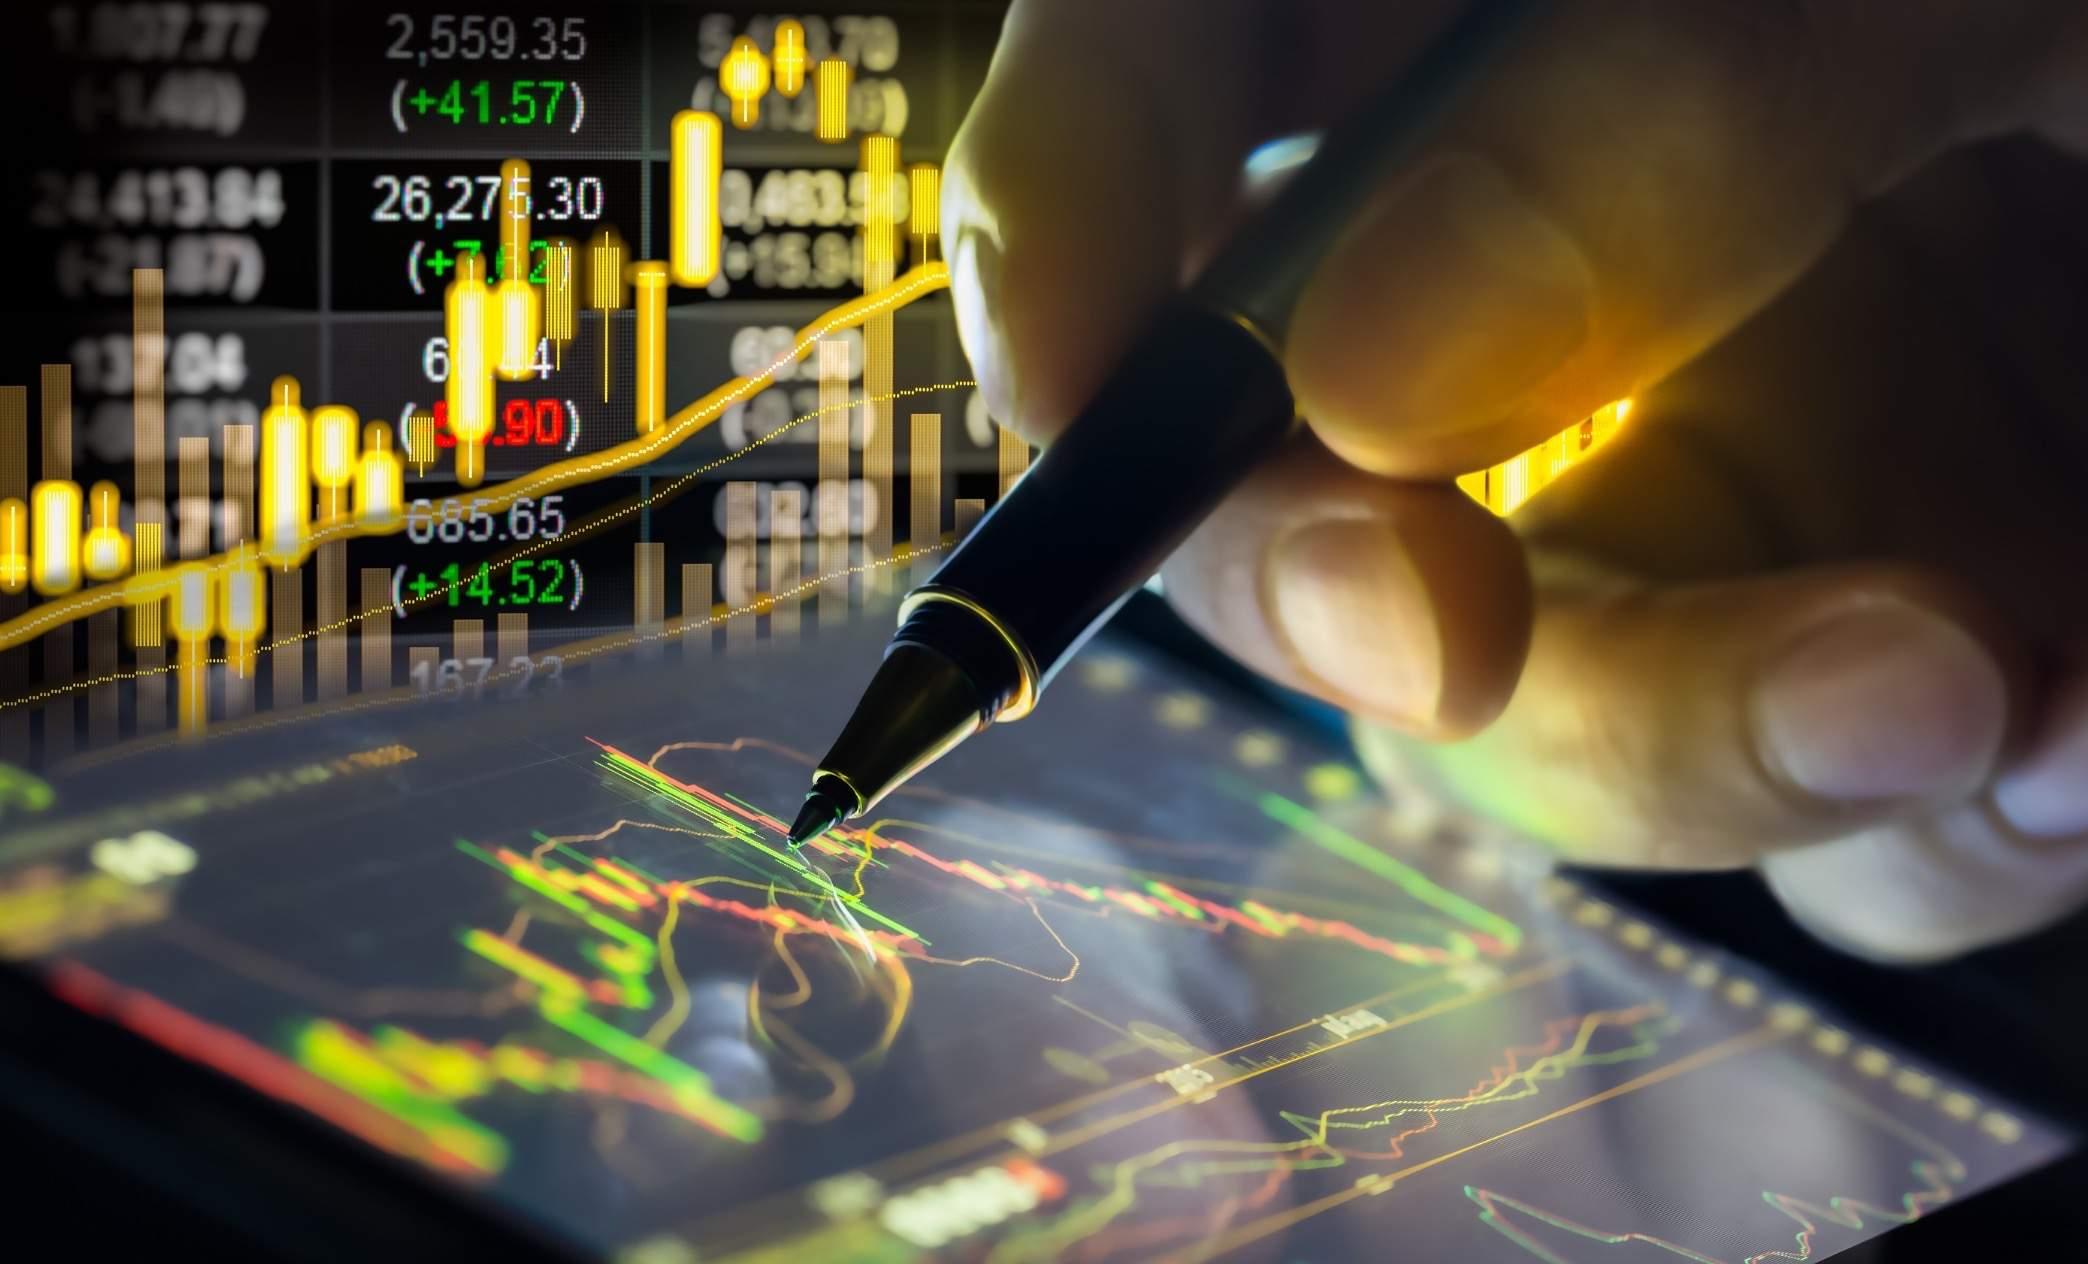 商界财经网:选股有什么技巧,如何在开盘后选股?